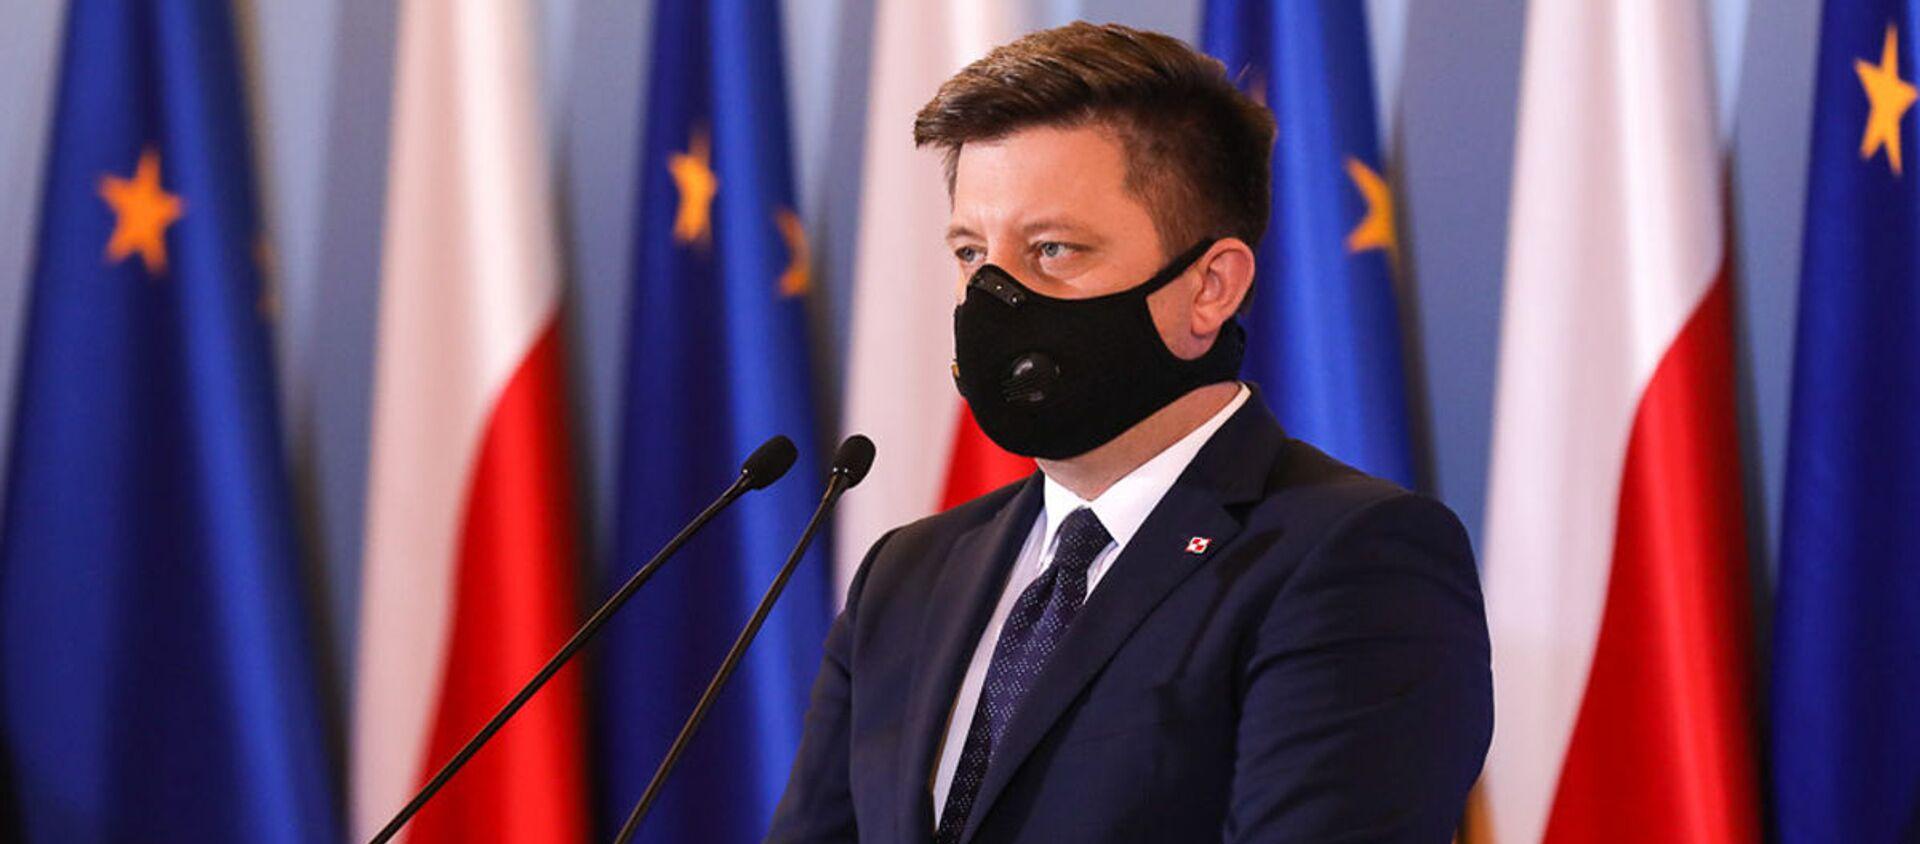 Szef kancelarii Prezesa Rady Ministrów Polski Michał Dworczyk - Sputnik Polska, 1920, 14.06.2021